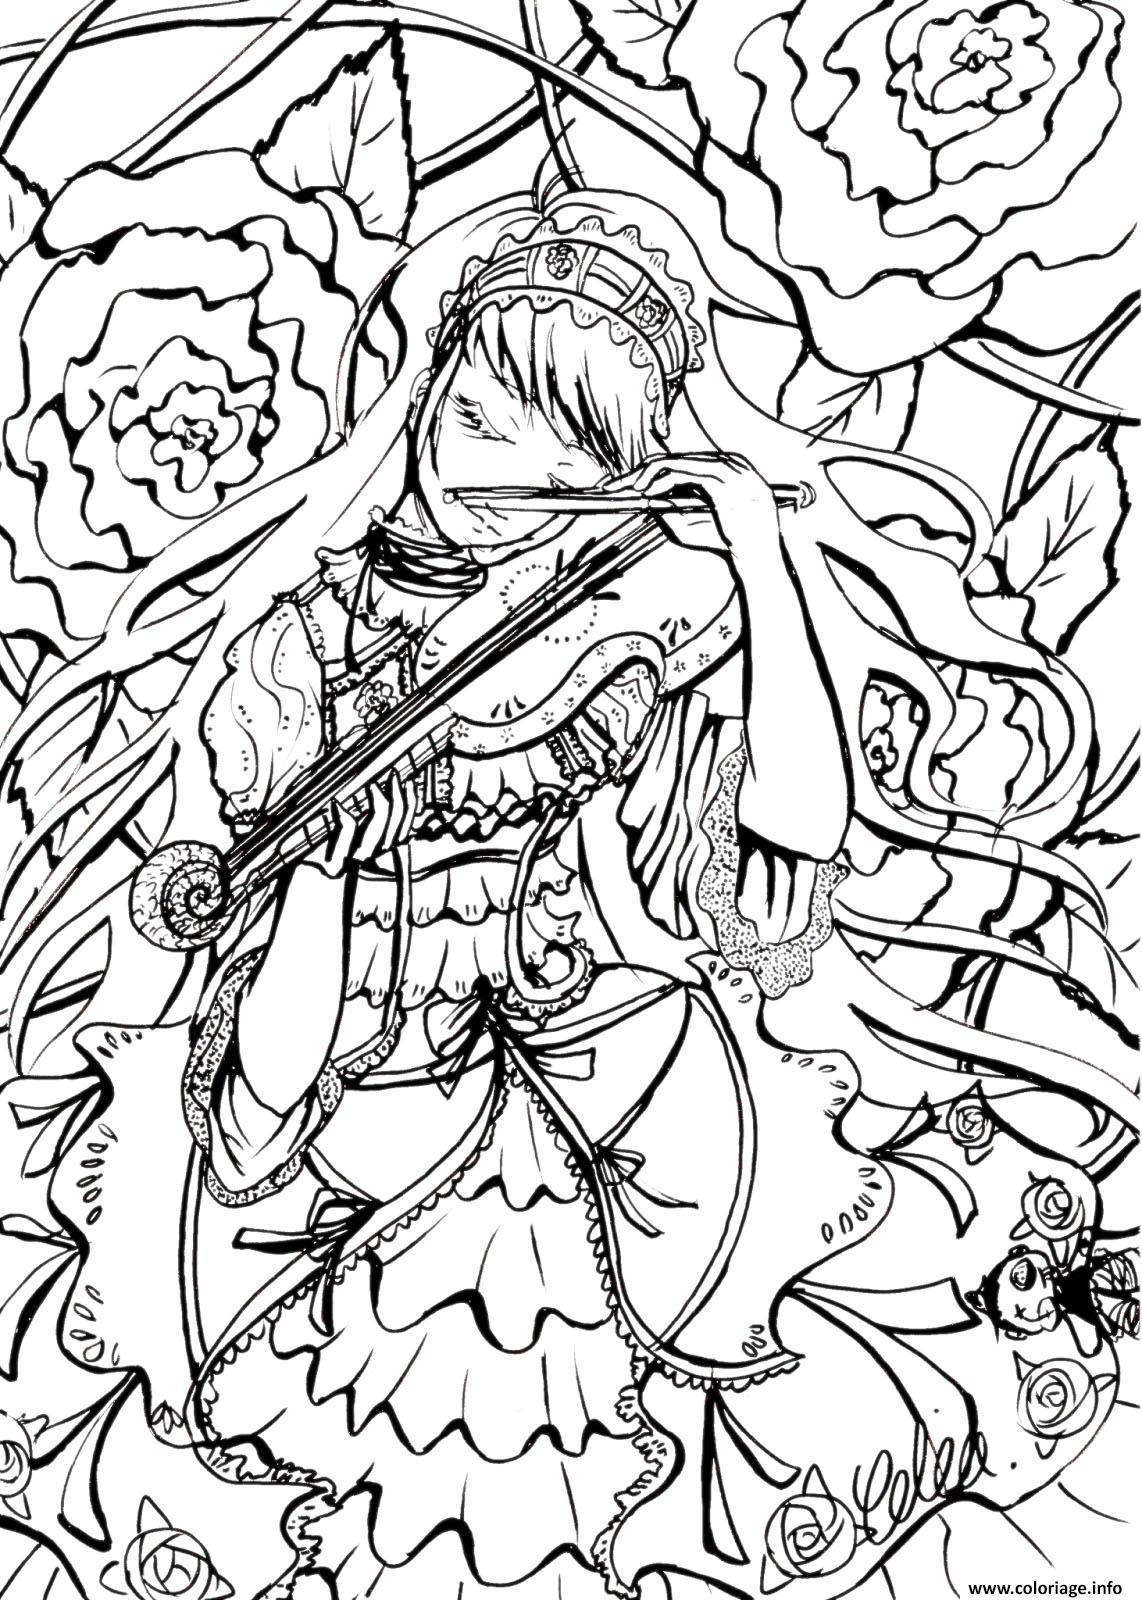 Coloriage complexe princesse dessin - Coloriage noel adulte imprimer ...